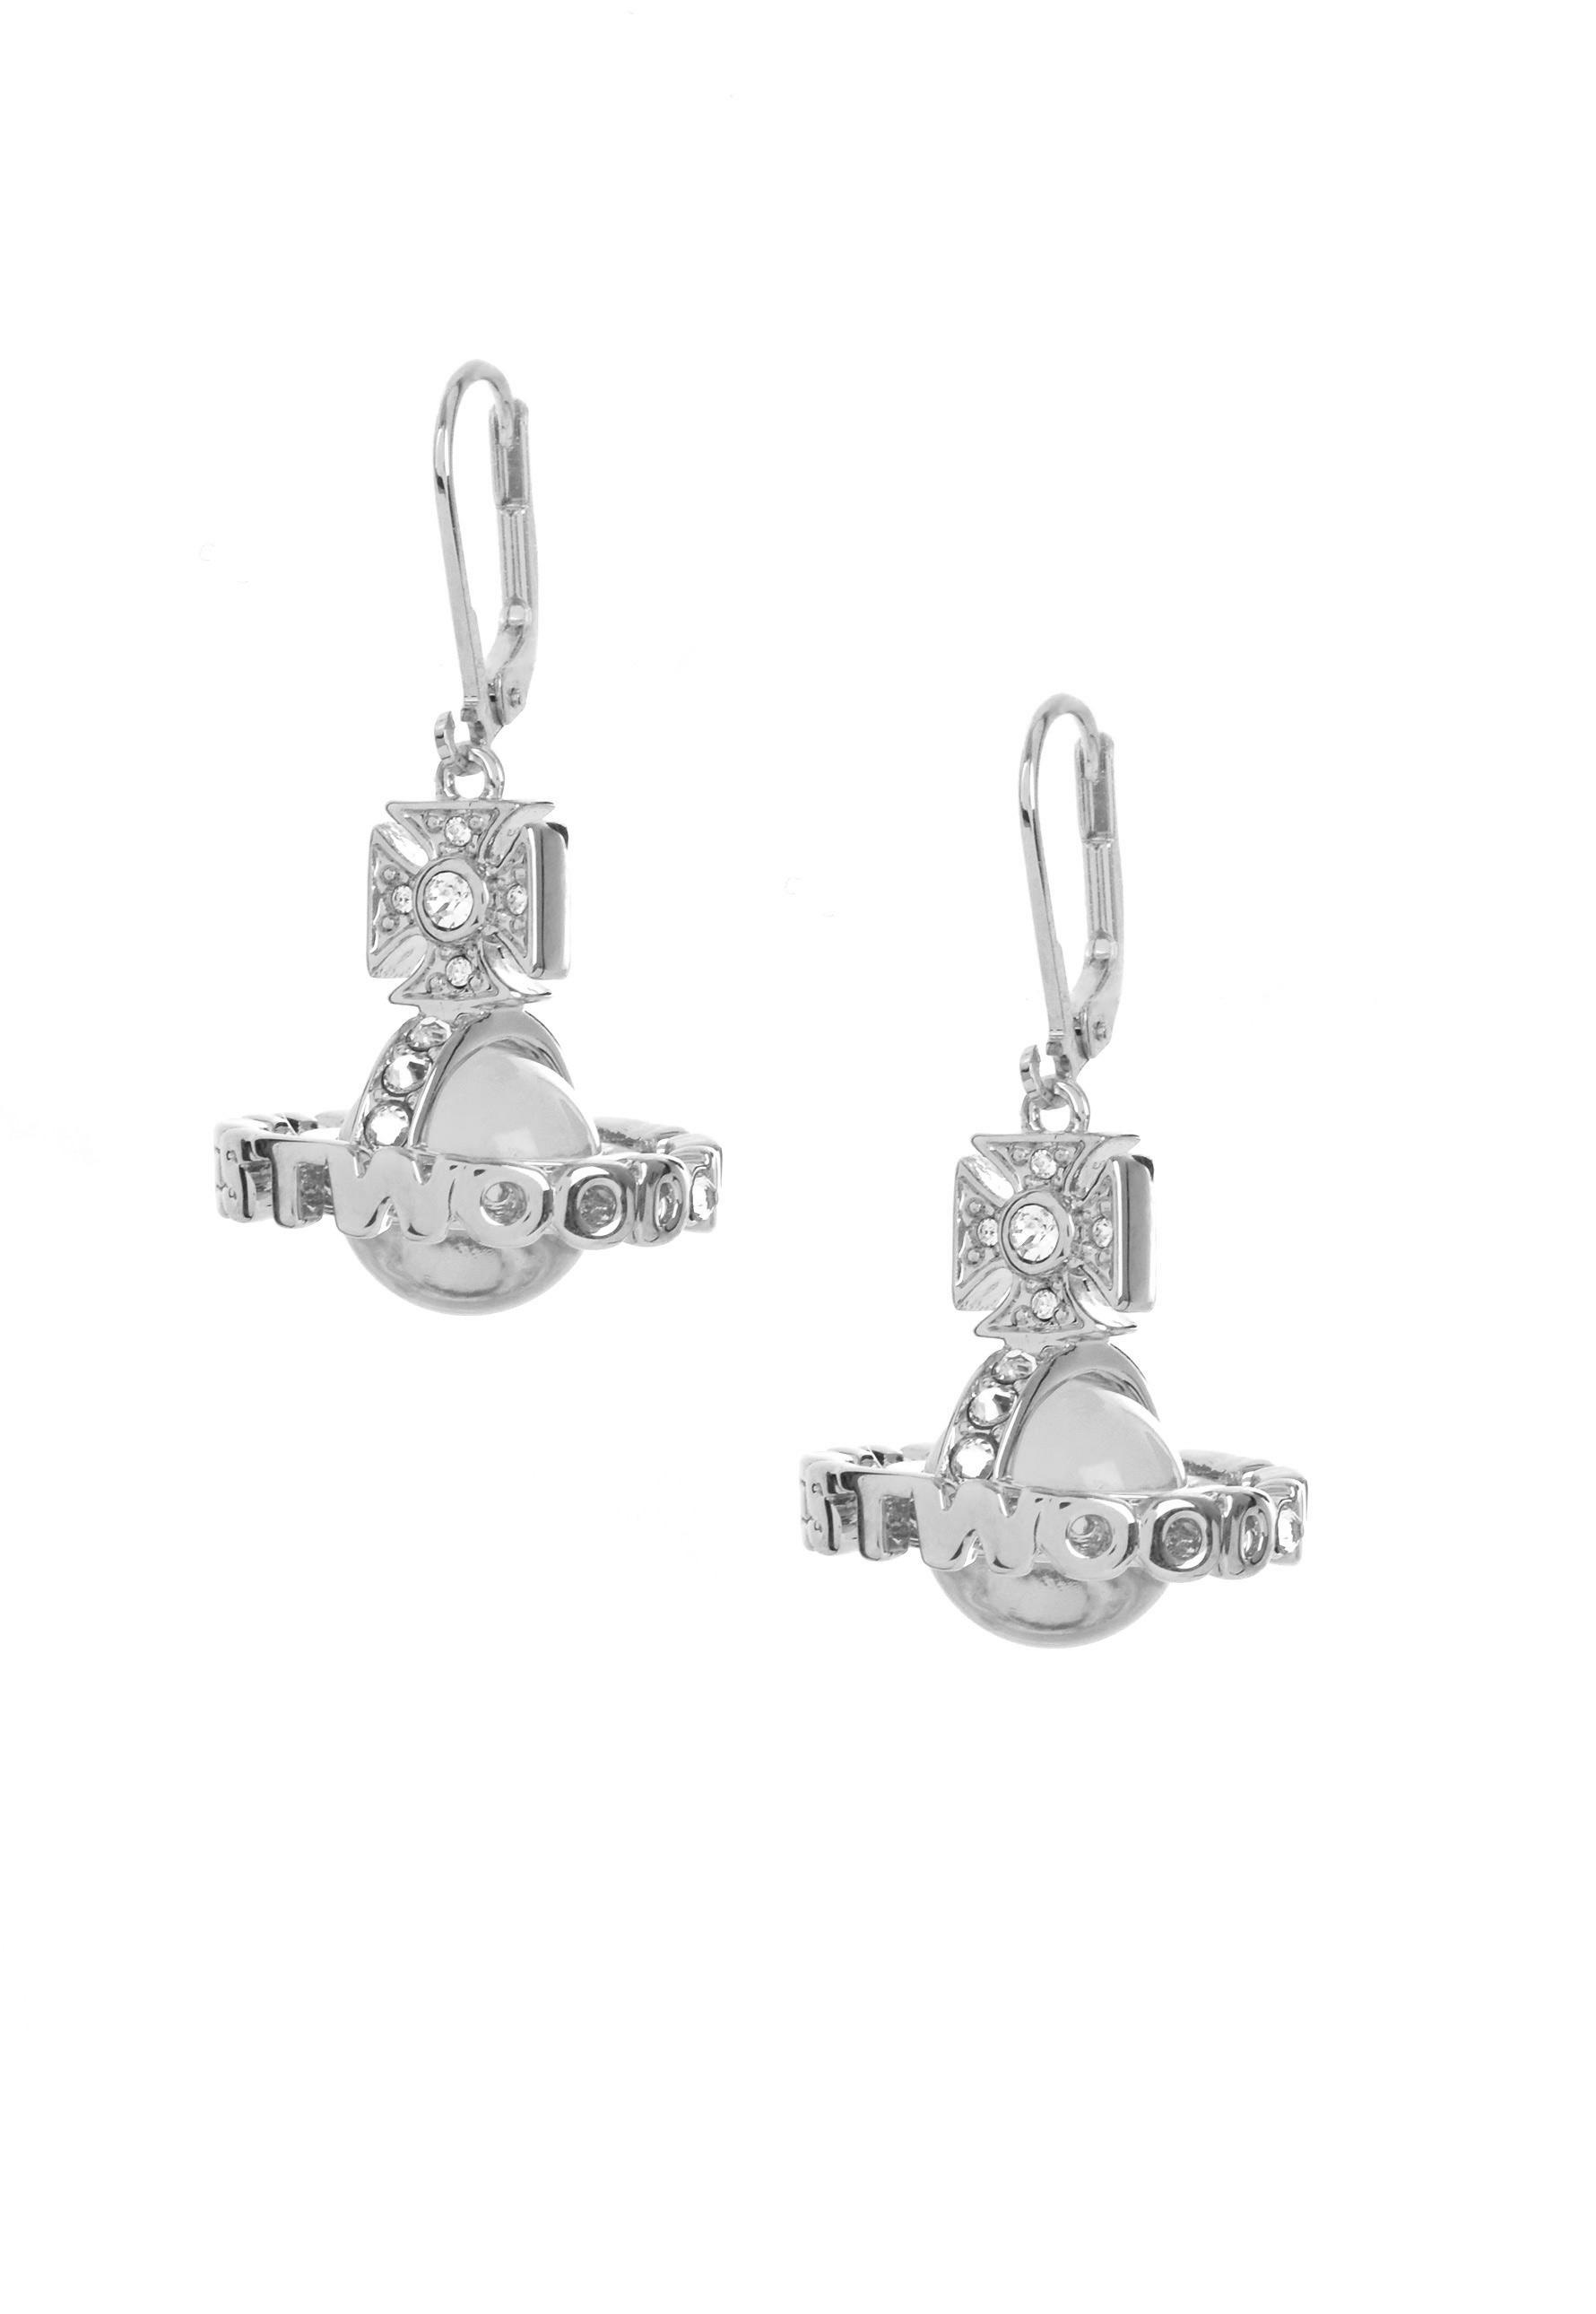 2d6fc70af Vivienne Westwood - Metallic Paisley Orb Earrings Rhodium - Lyst. View  fullscreen